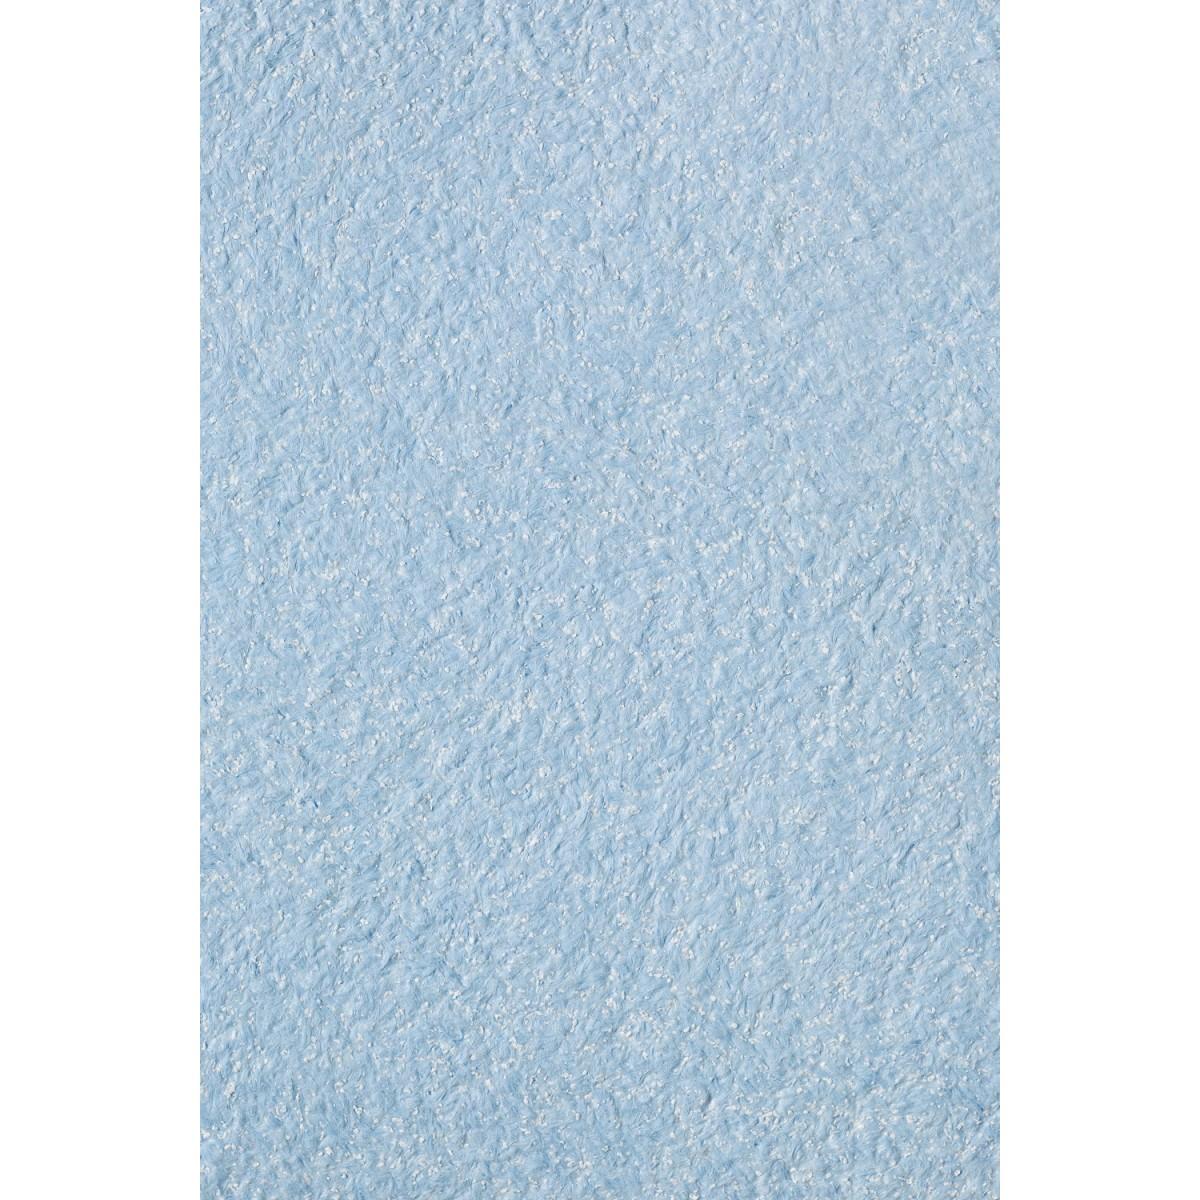 Жидкие обои Silk Plaster Прованс 047 1005 кг